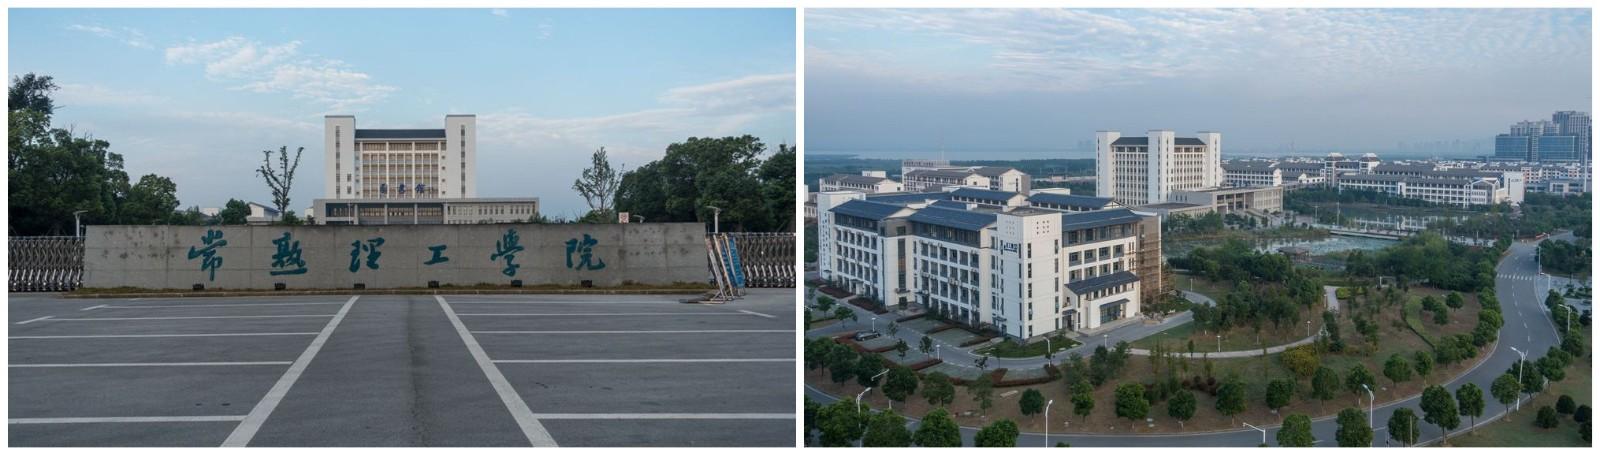 常熟理工学院虞山学院工程该工程位于常熟东南经济开发区湖山路